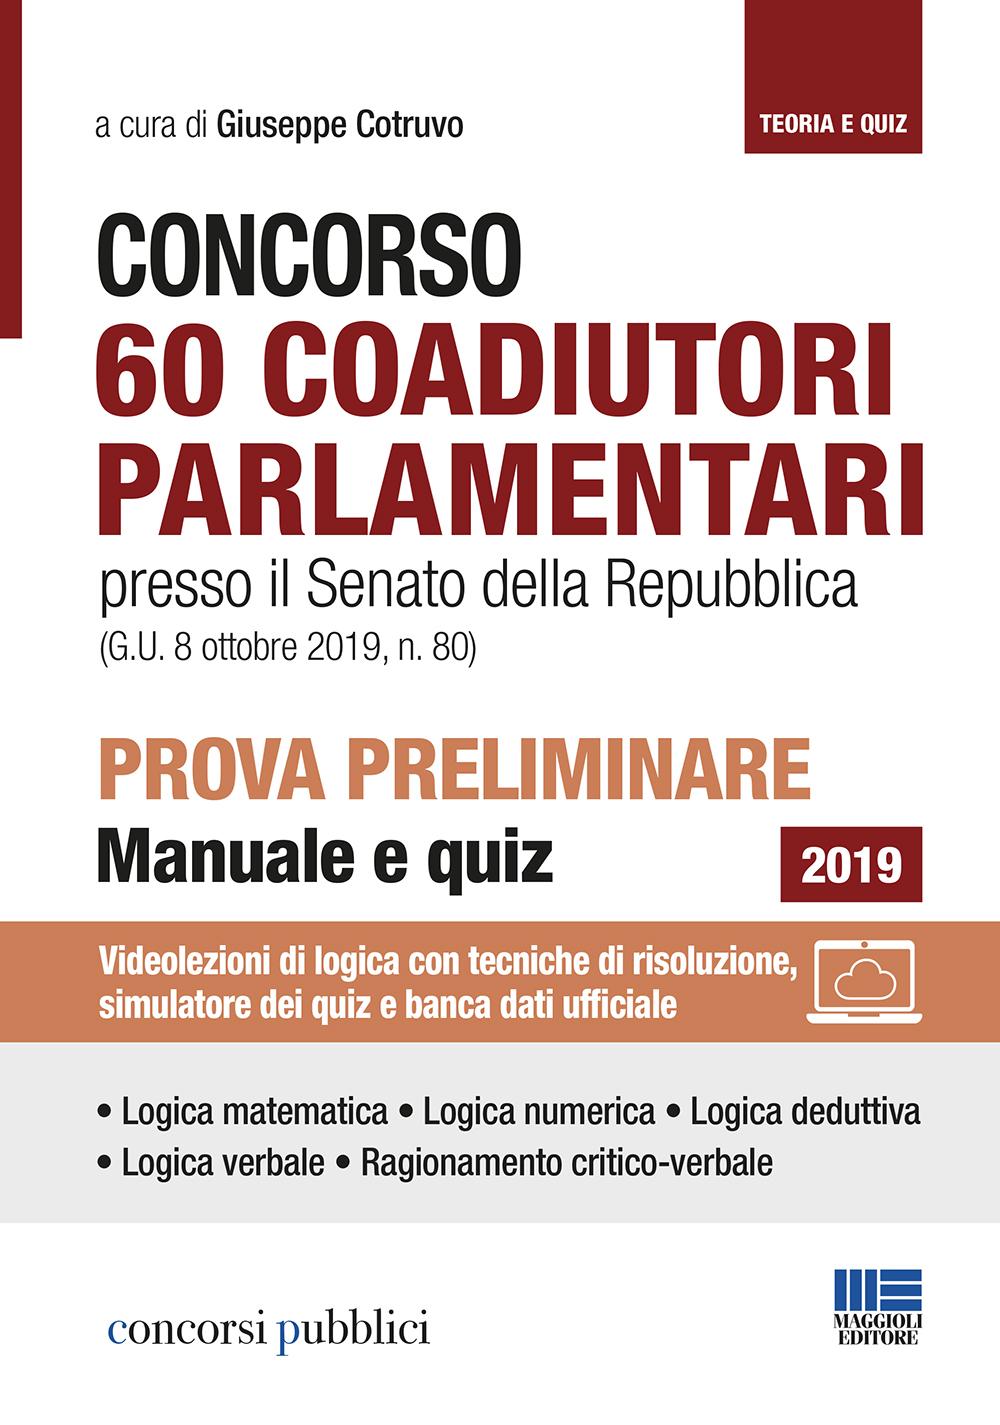 Concorso 60 Coadiutori parlamentari Senato